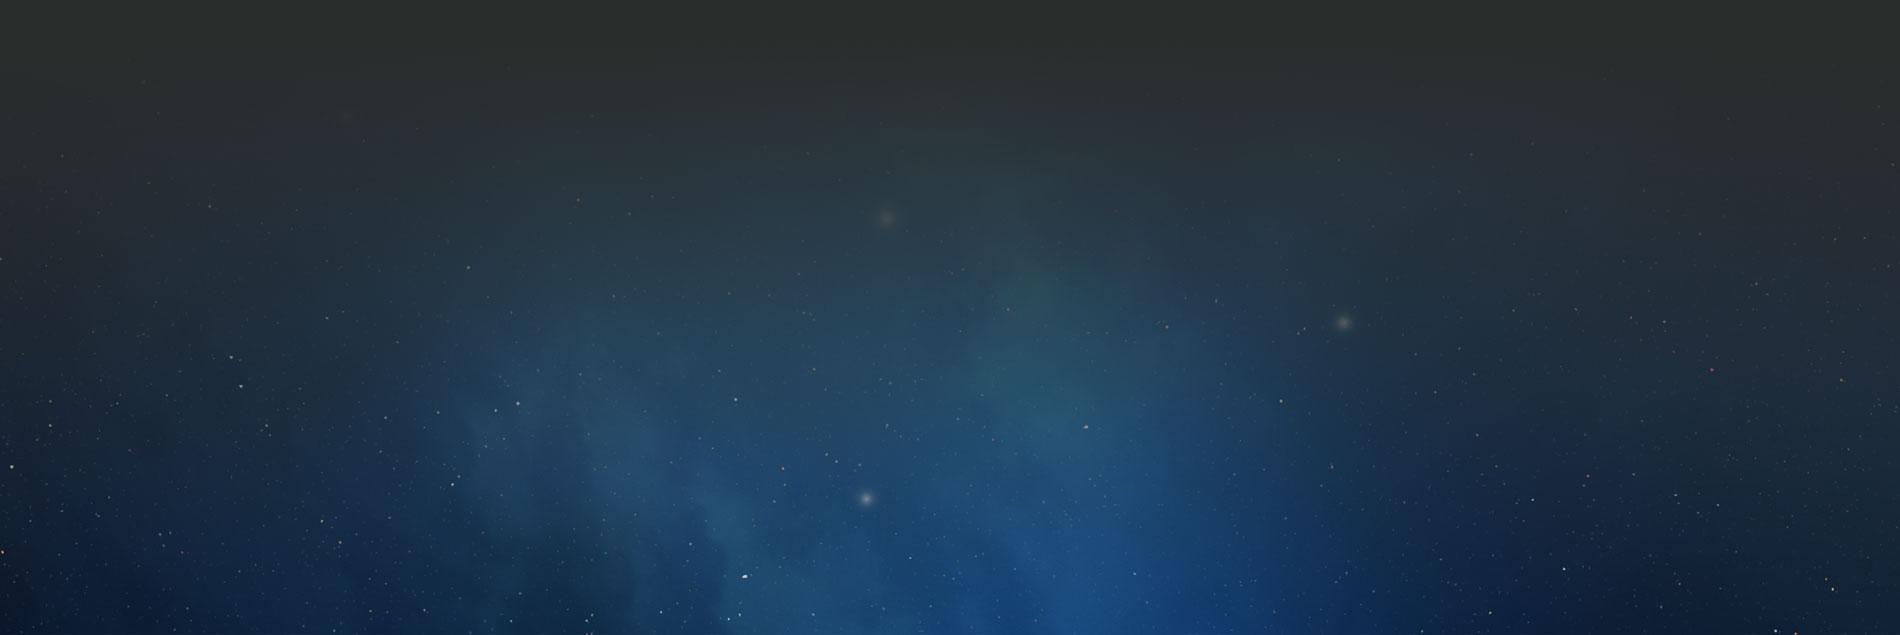 background-dark-2-web